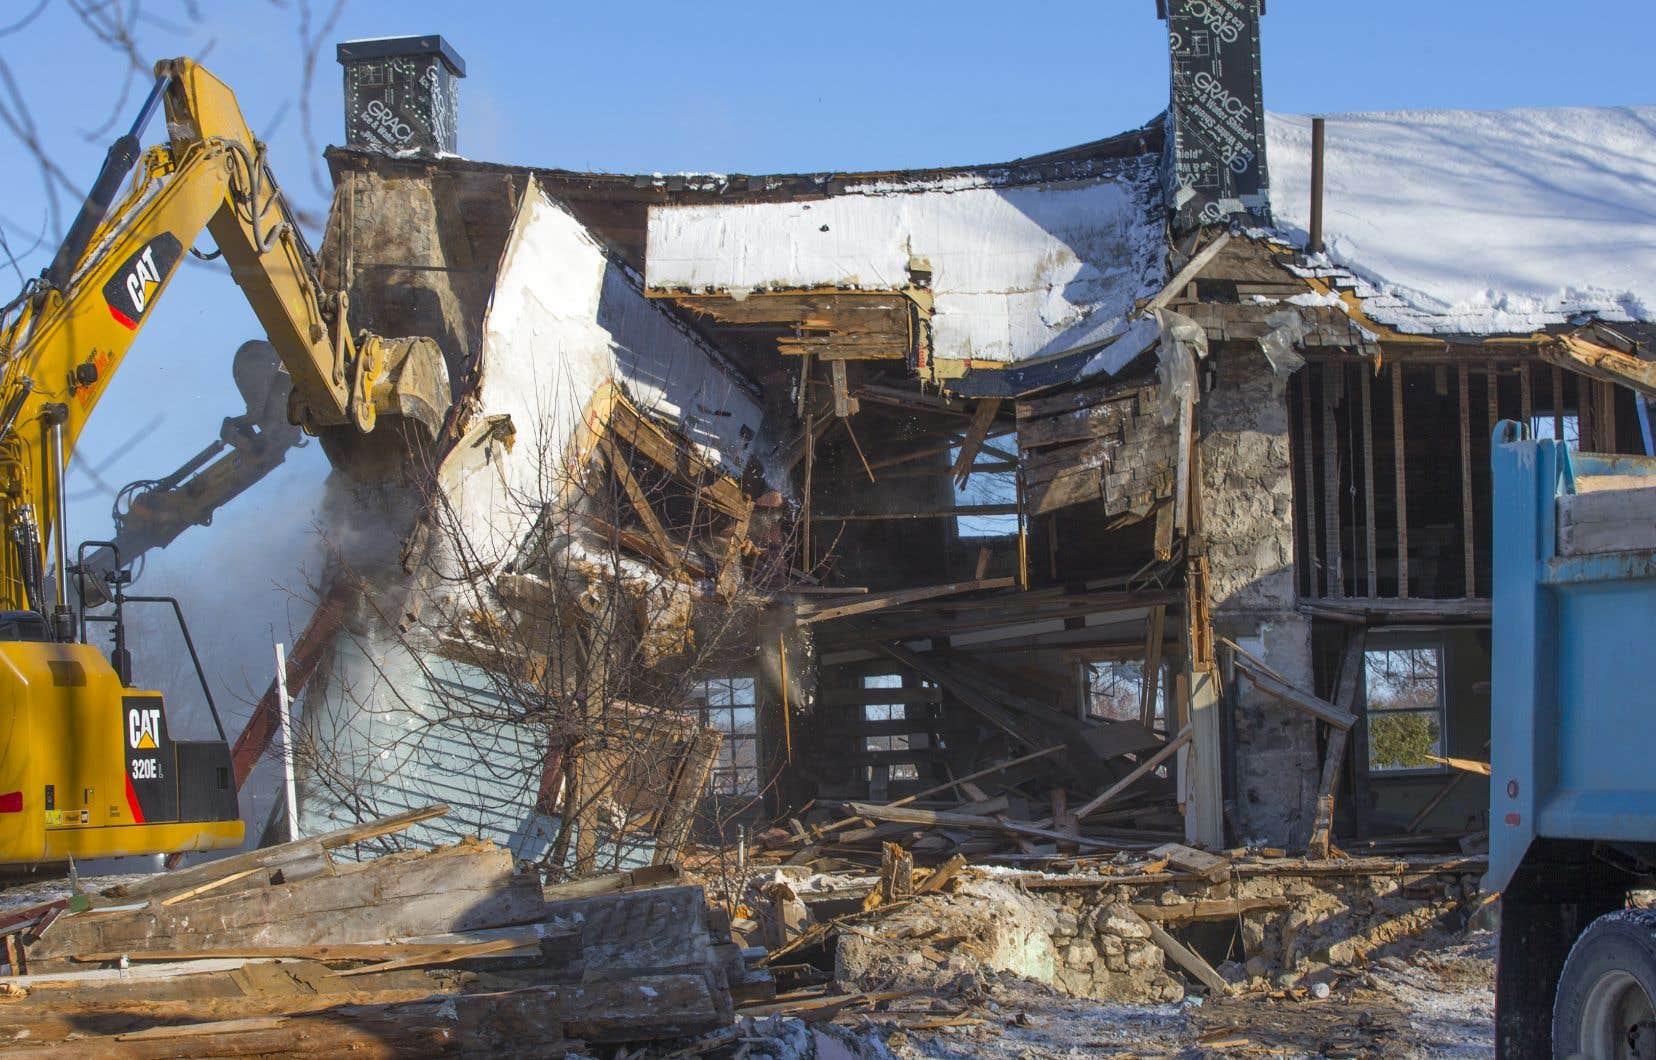 Selon la CMQ, Denis Lavoie aurait orchestré la destruction de la maison Boileau afin de créer une diversion médiatique.